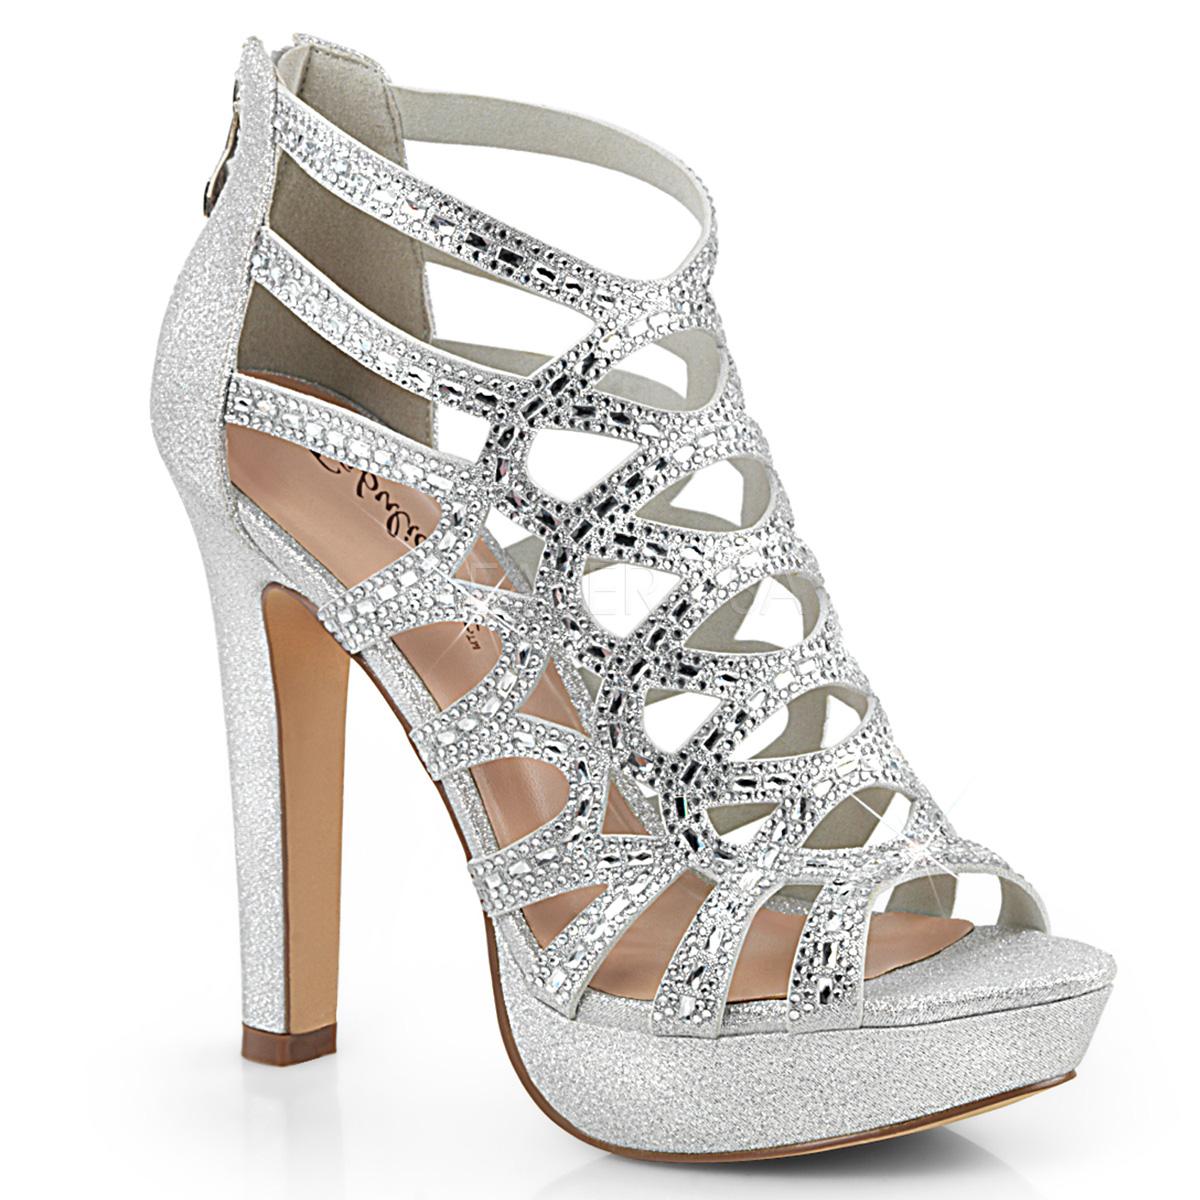 Silver 5 Sandals 24 High Womens 11 Pleaser Selene Heel Cm OPZukTXi